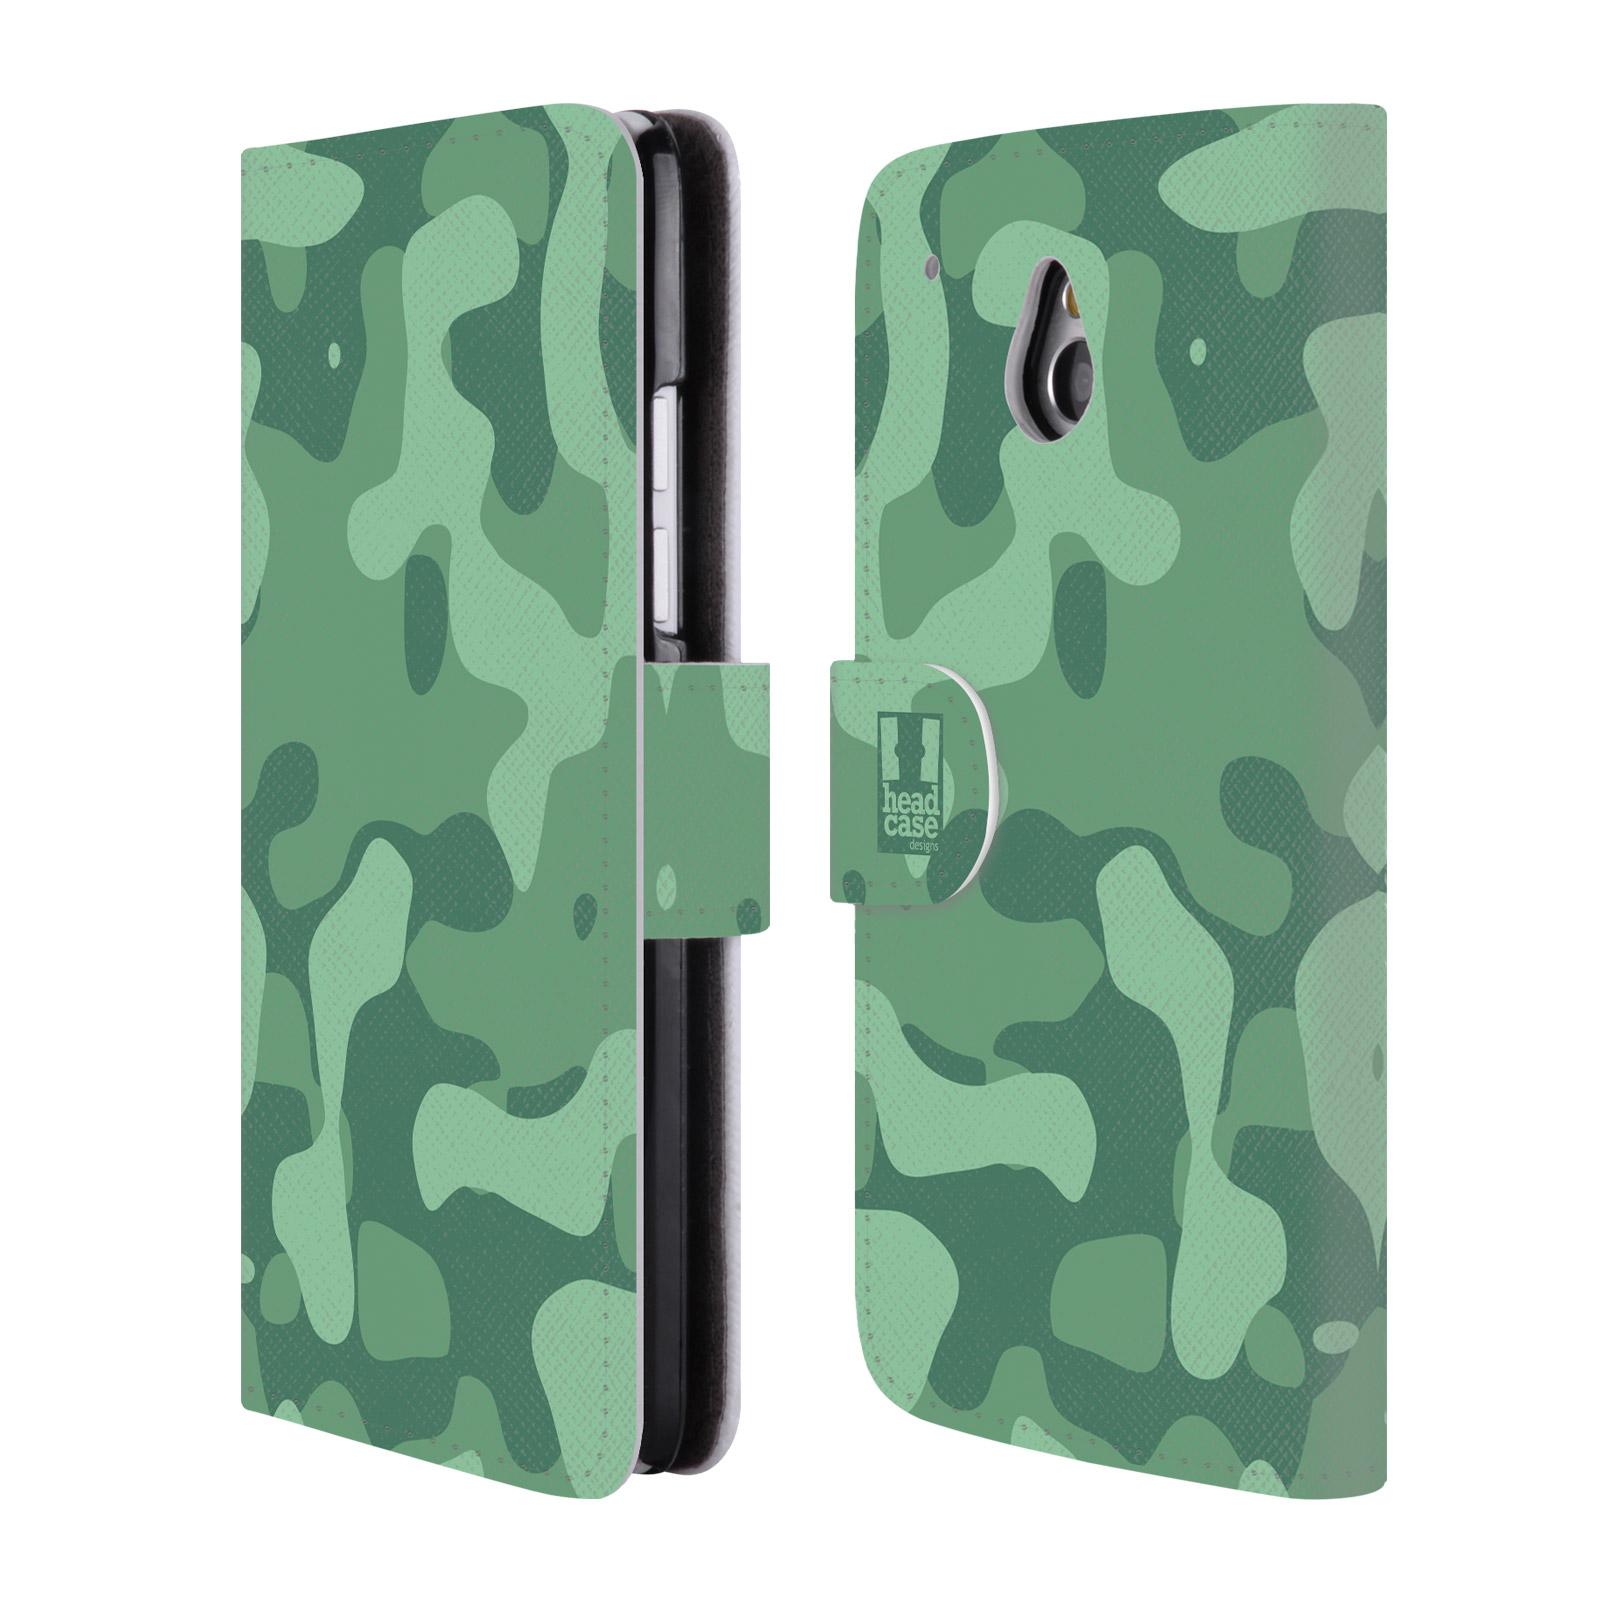 HEAD CASE Flipové pouzdro pro mobil HTC ONE MINI (M4) lehká barevná kamufláž mentol zelená